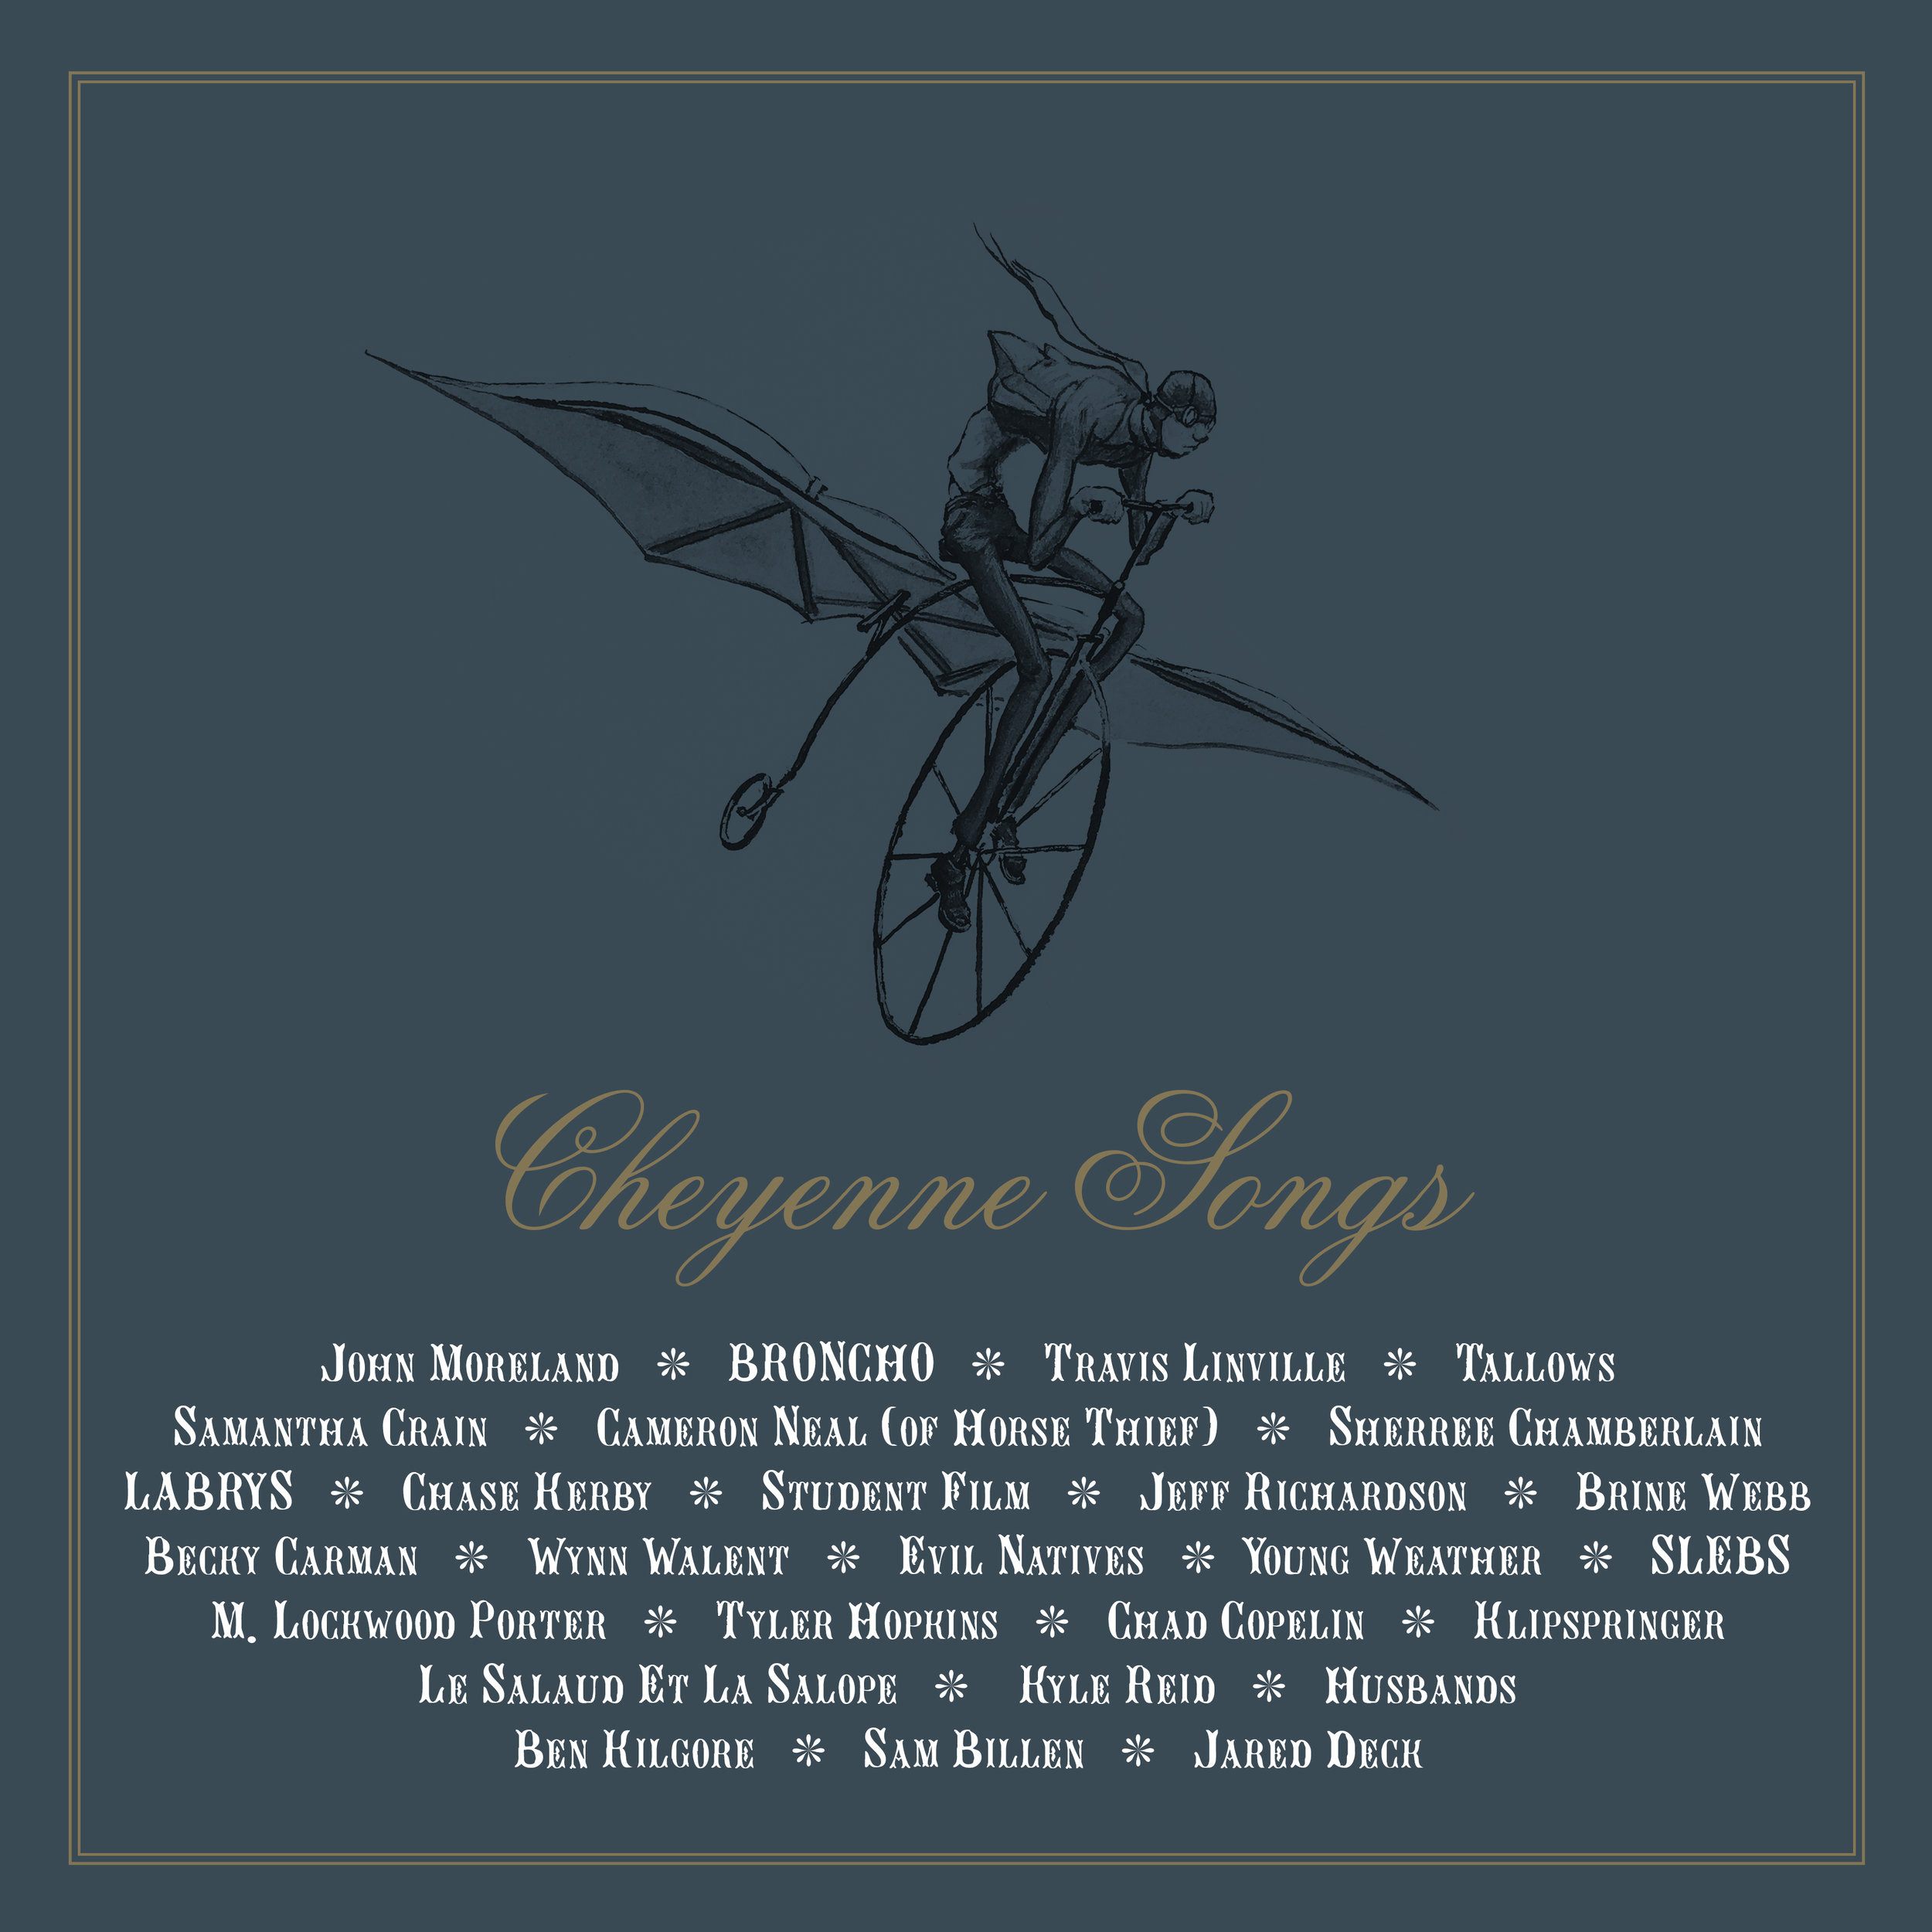 VARIOUS / Cheyenne Songs